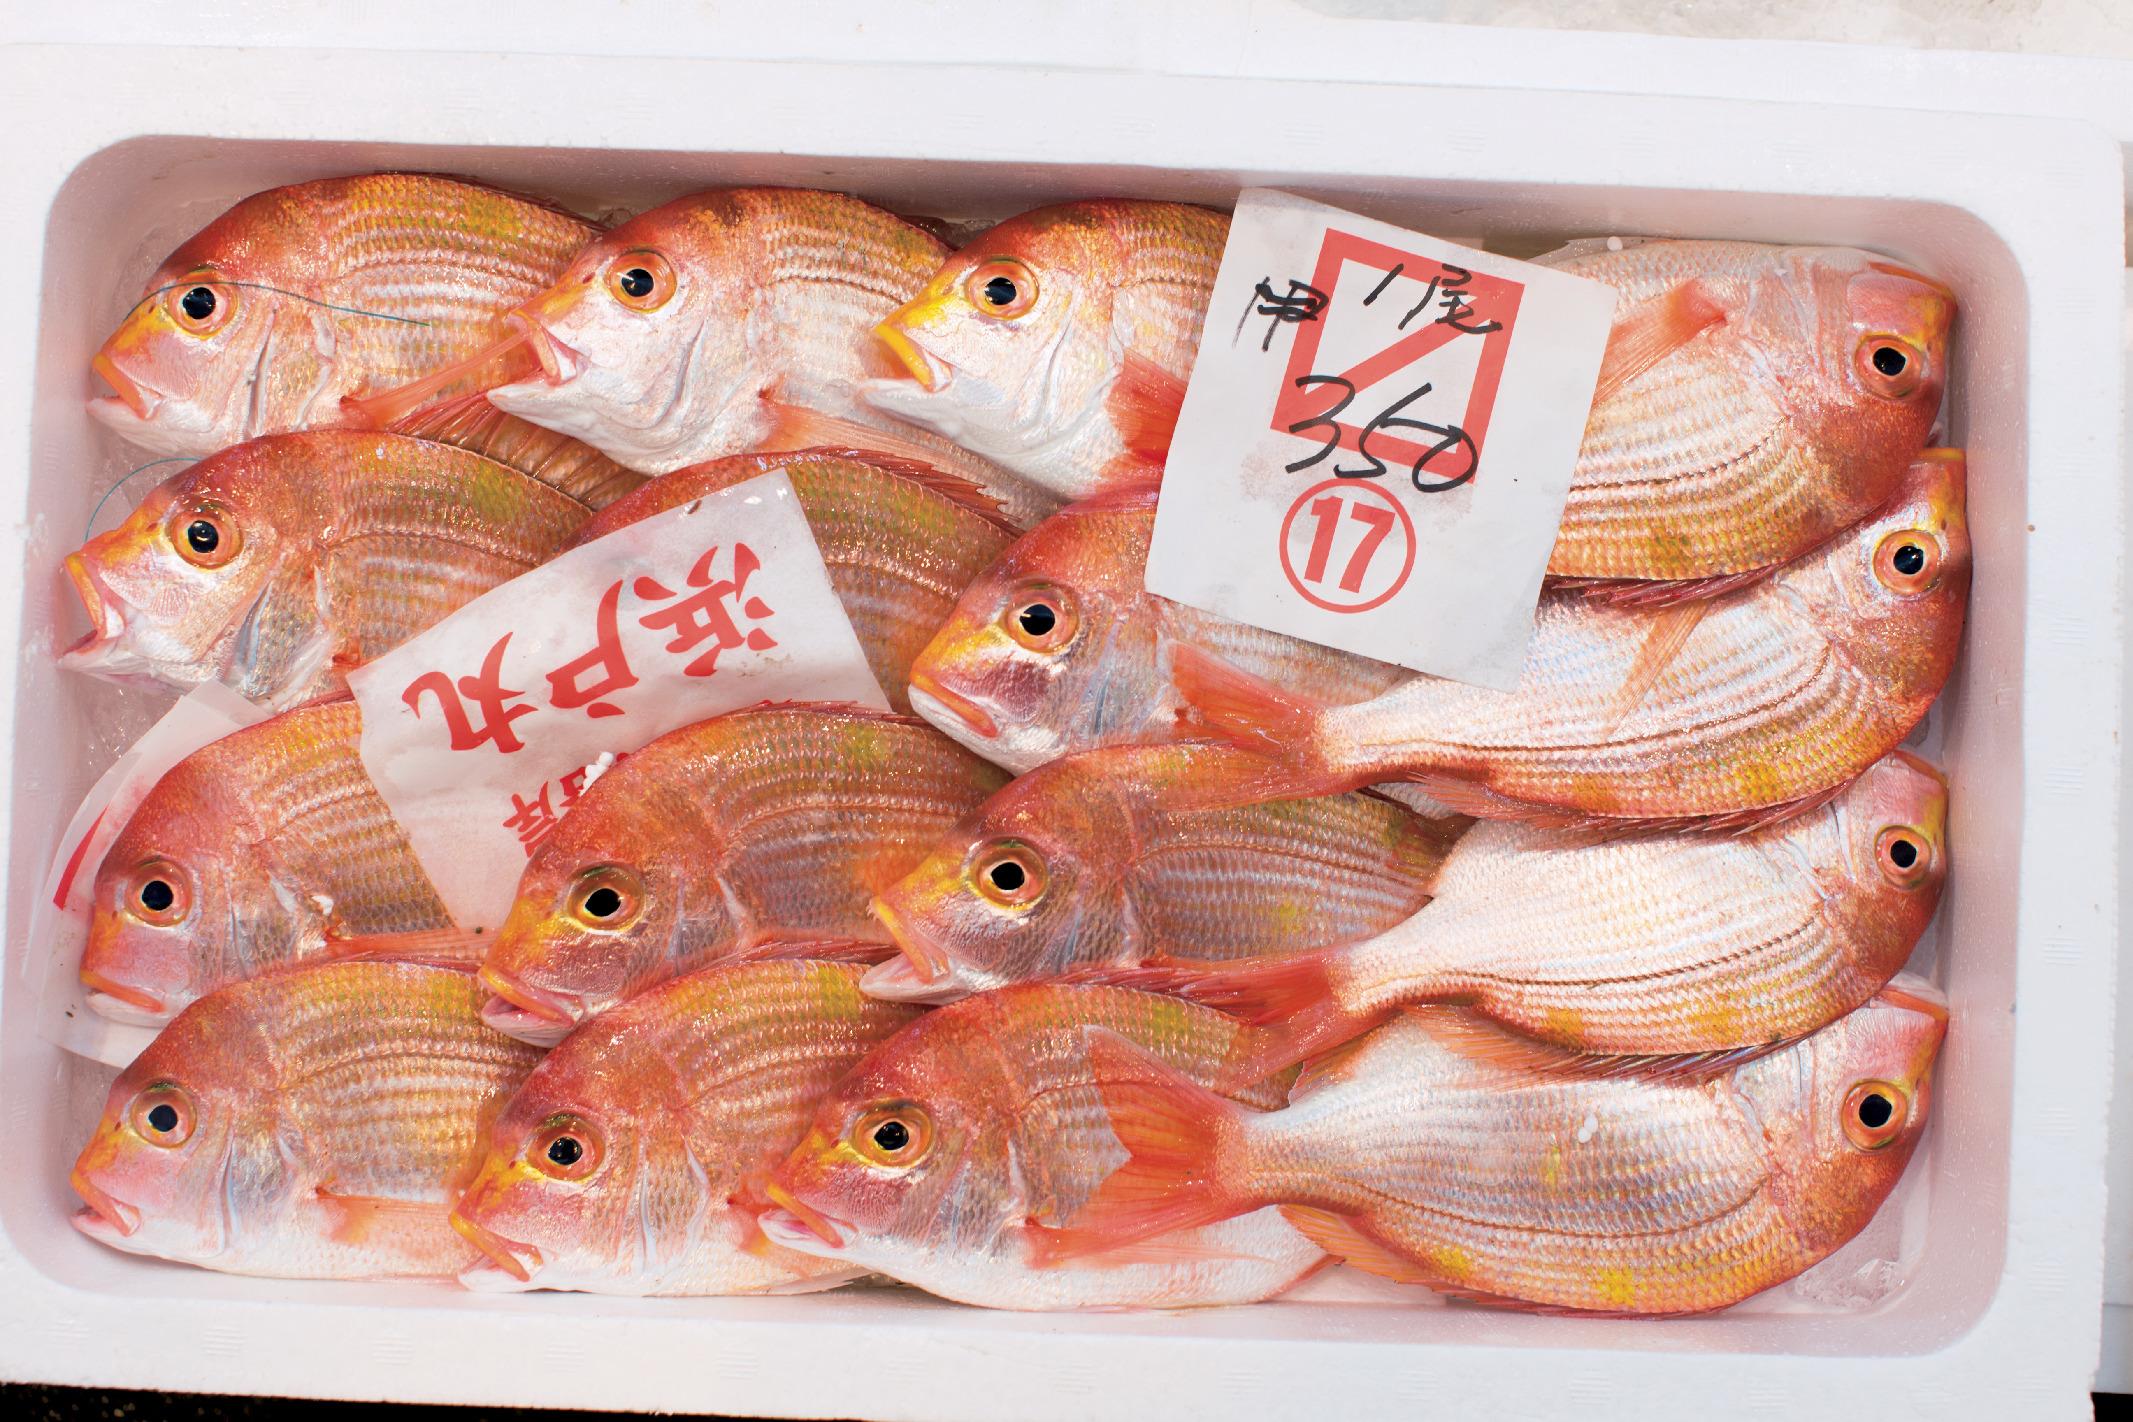 新鮮魚介に干物、乾物もそろう『若狭小浜お魚センター』_1_2